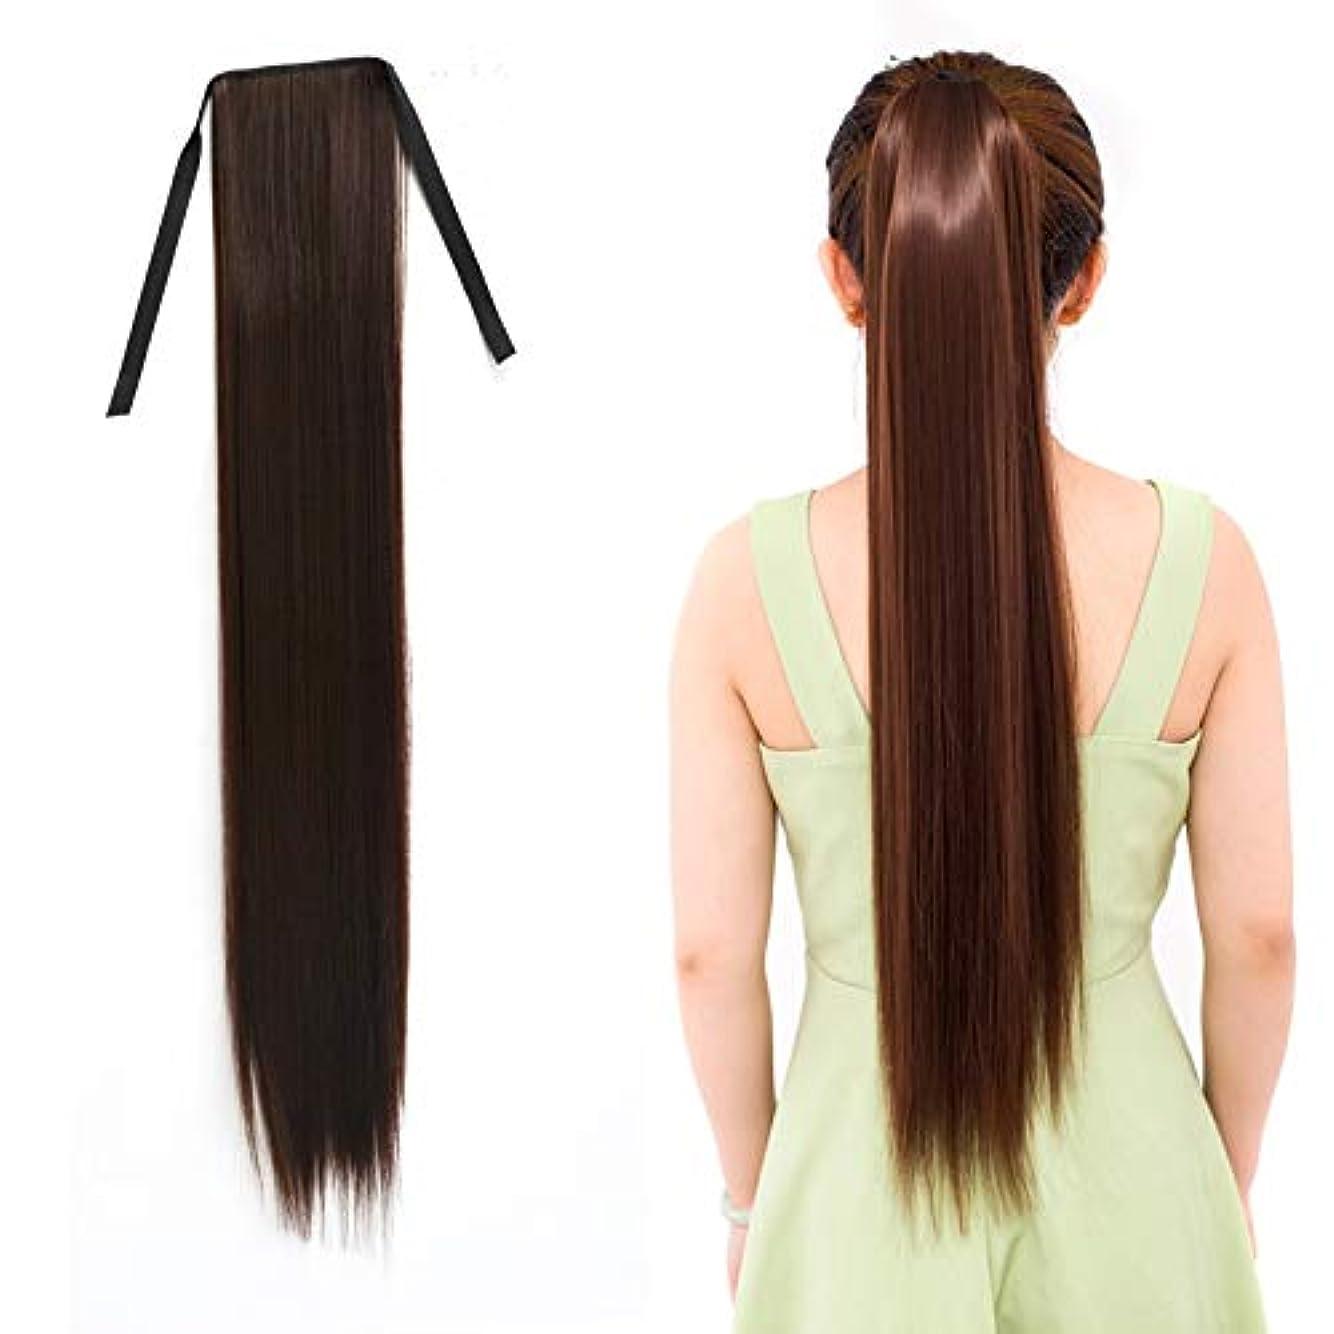 バルーン急いで刺します美しさ 女性のためのナチュラルロングストレートヘアポニーテール包帯かつらポニーテール、長さ:75センチ ヘア&シェービング (色 : Black Brown)